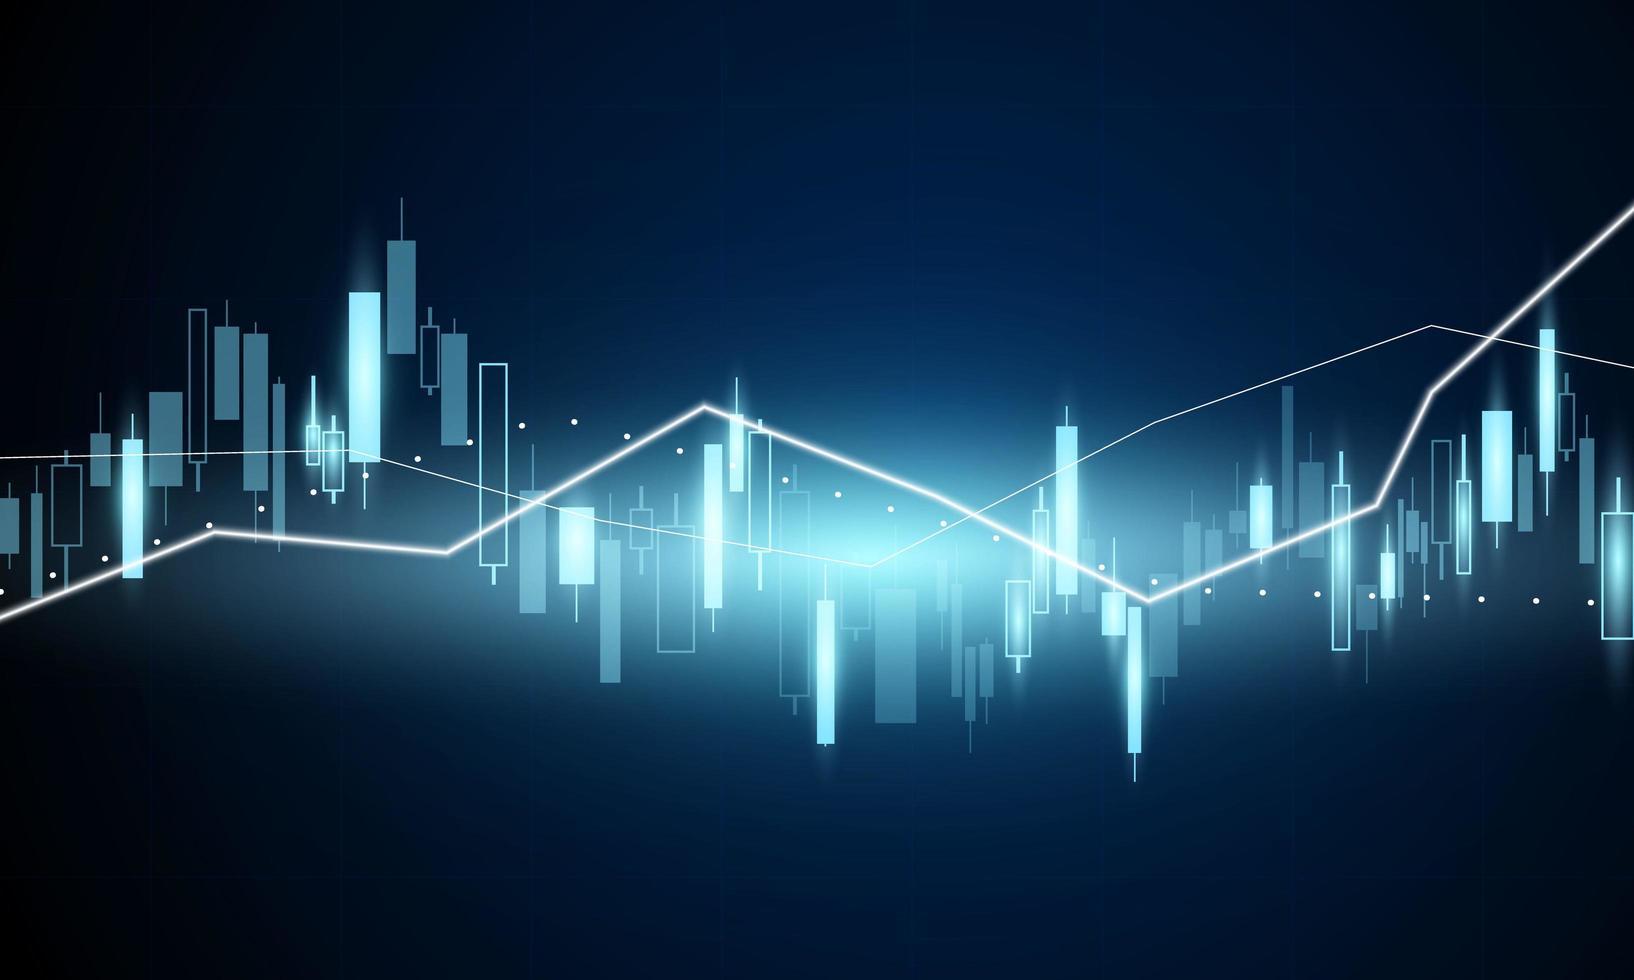 grafico del mercato azionario per affari finanziari vettore